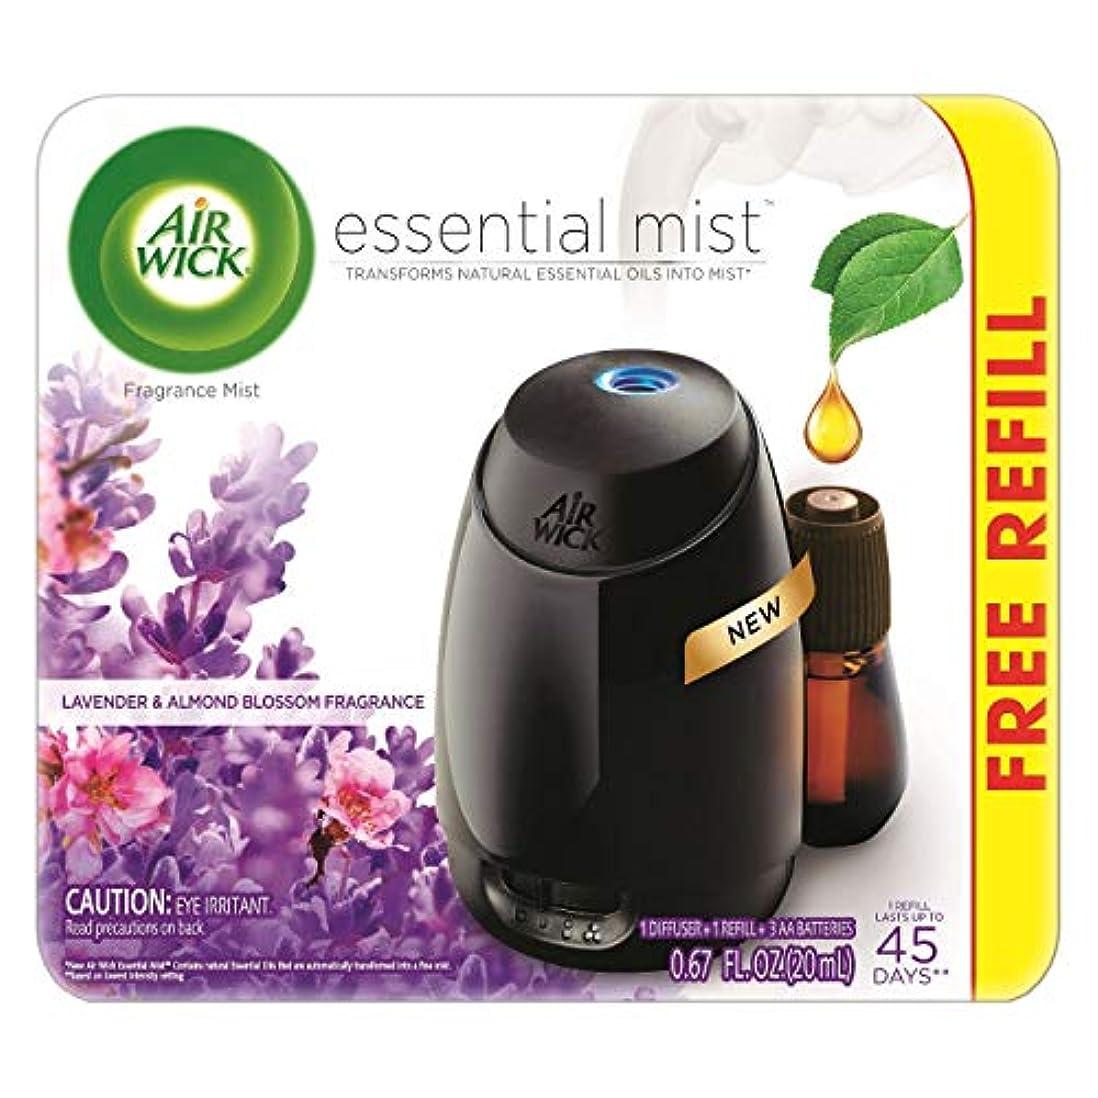 くつろぎ使用法特徴づけるAir Wick Fresh Lavender & Almond Blossom Fragrance Essential エアーウィックフレッシュフレグランスエッセンシャルミスト本体+ ラベンダー&アーモンドブロッサム 芳香剤 20ml 、1パック [並行輸入品]